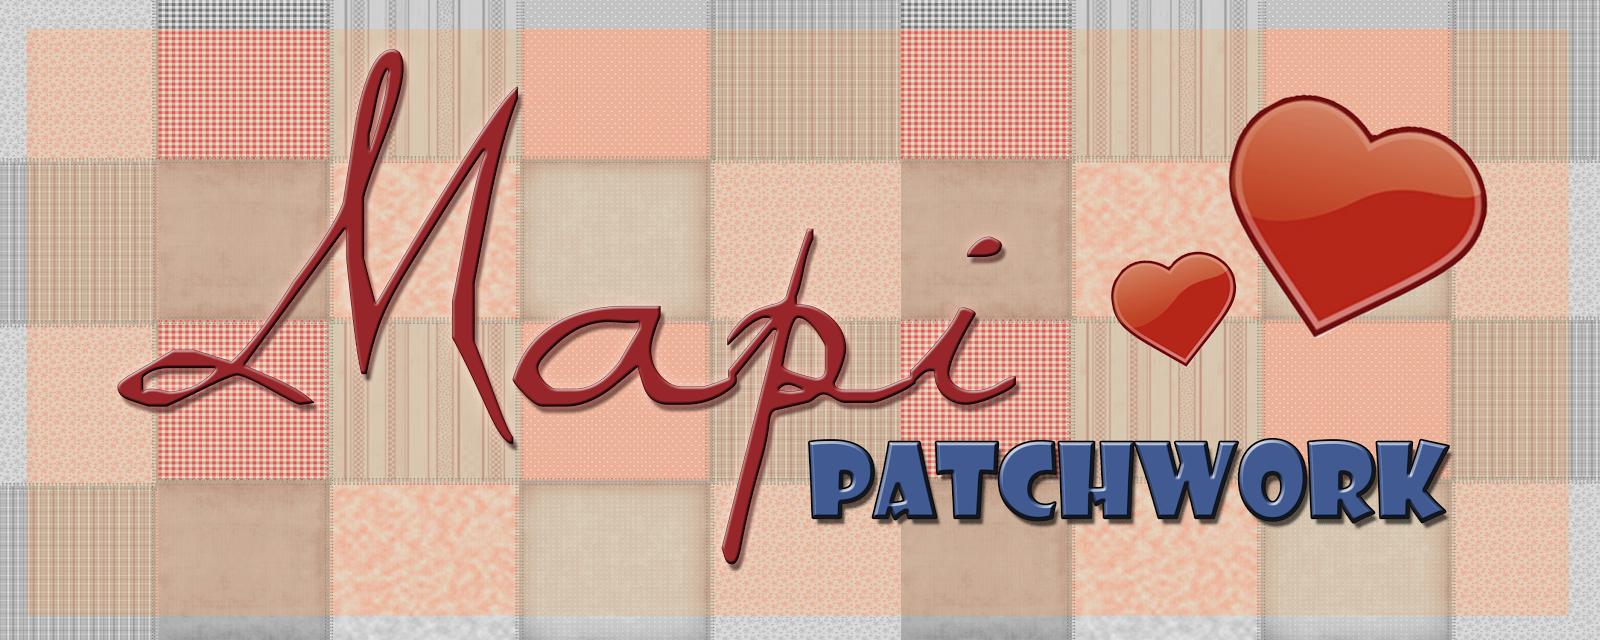 Mapi Patchwork